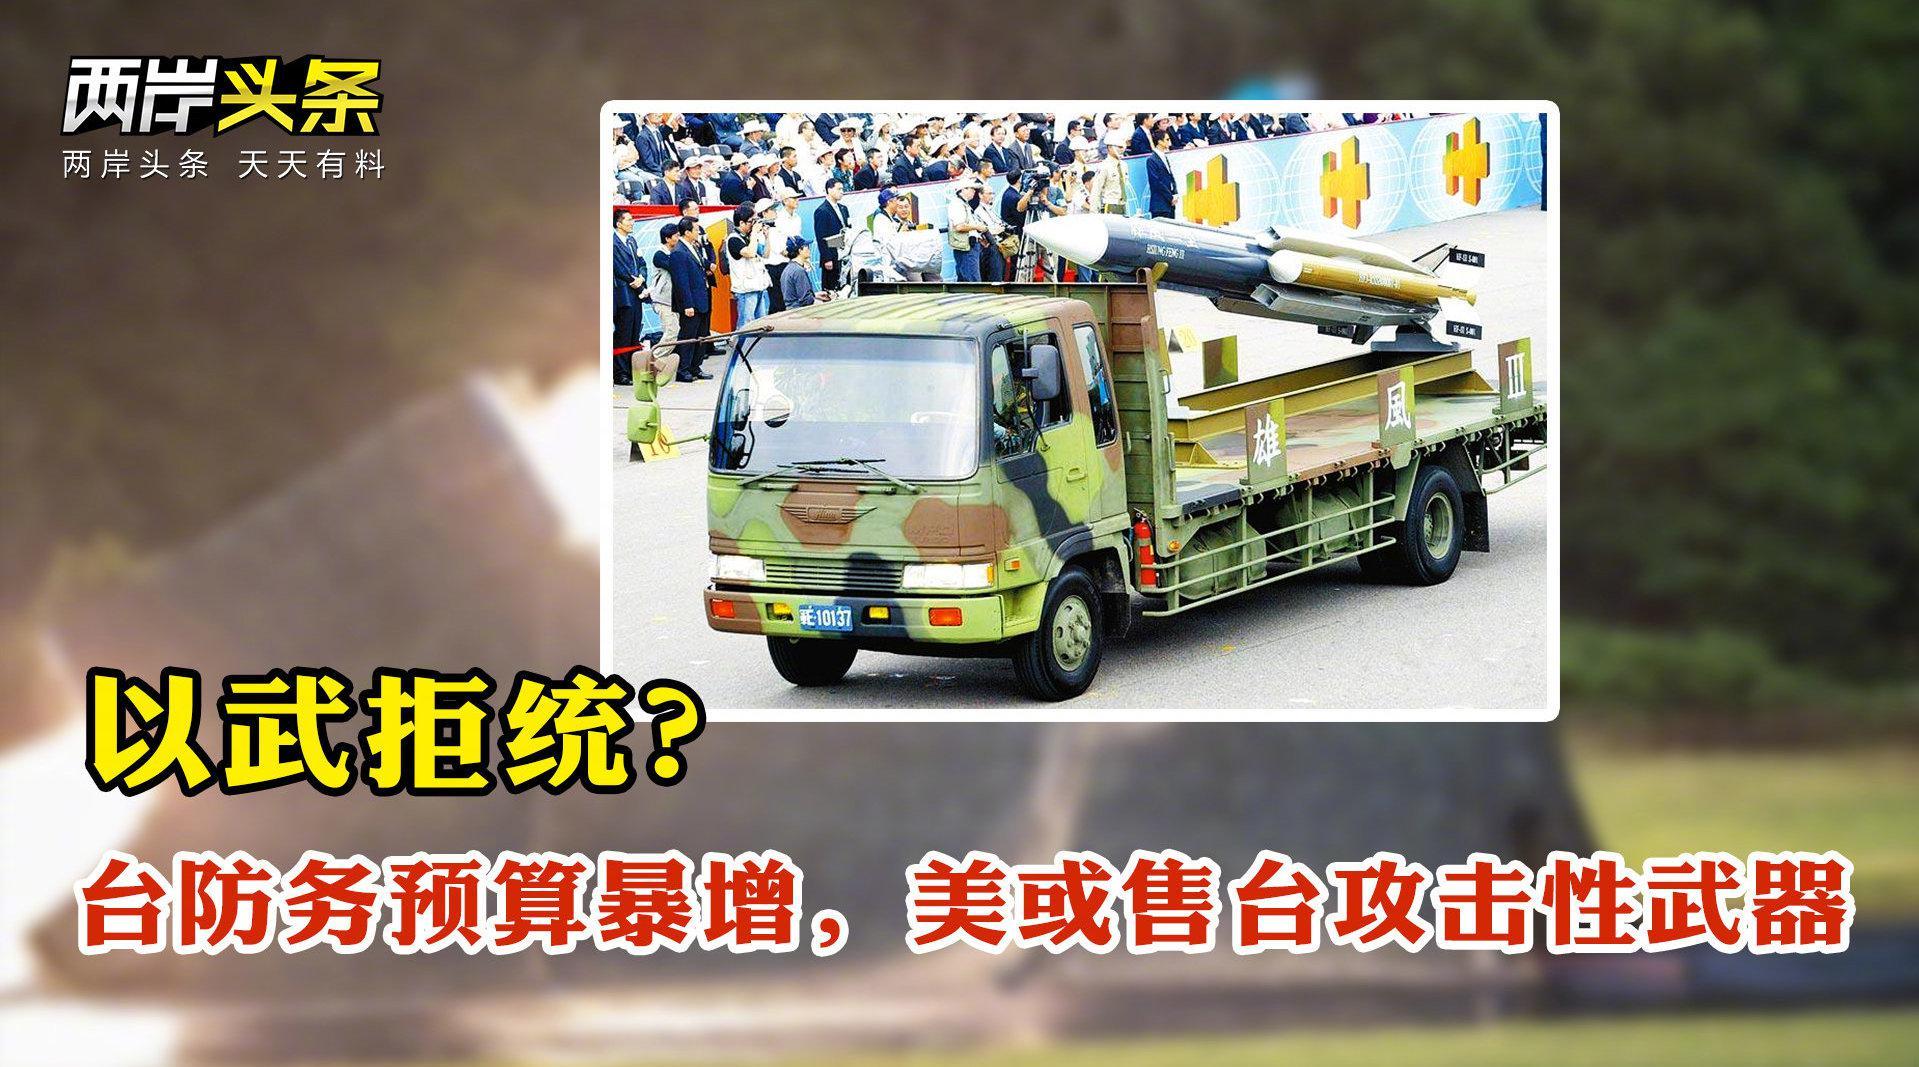 国台办回应两岸热点议题 美或售台攻击性武器 解放军军机再现台海